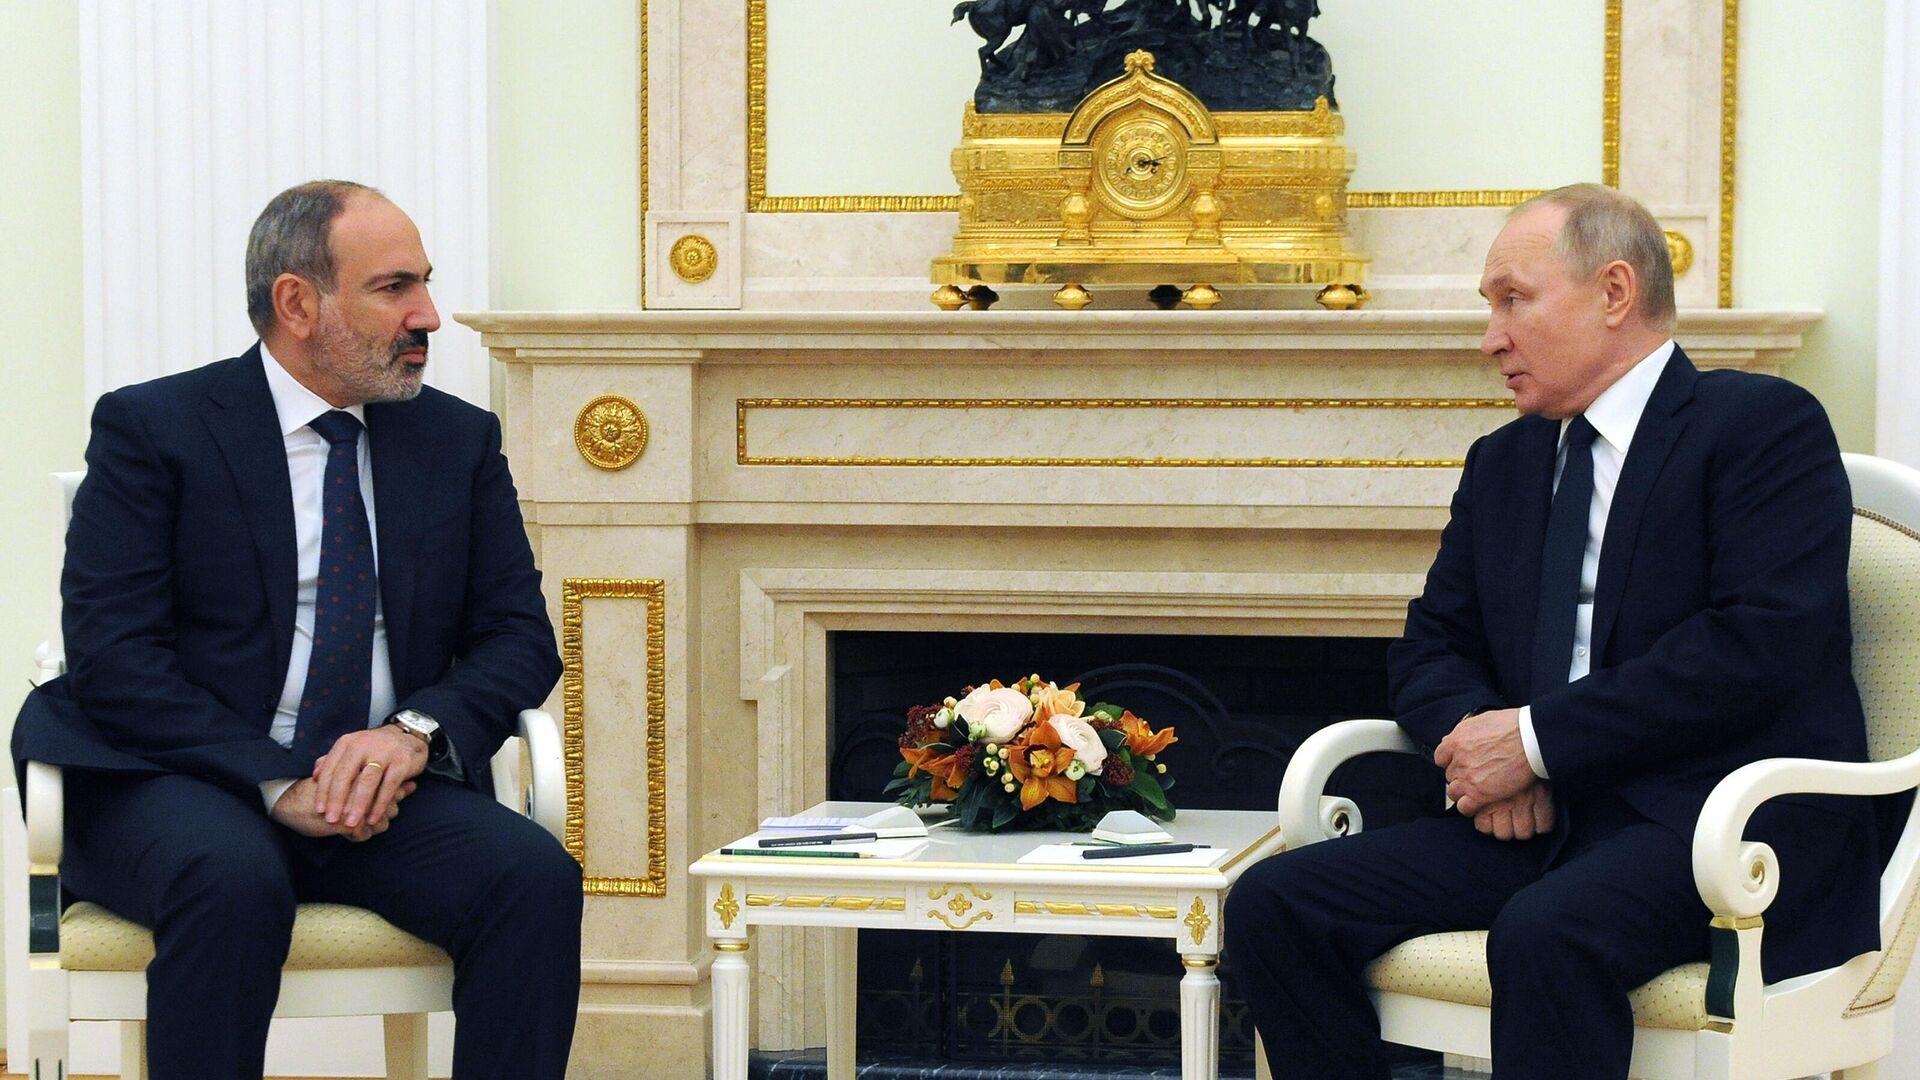 Президент РФ Владимир Путин и премьер-министр Армении Никол Пашинян во время встречи - РИА Новости, 1920, 14.05.2021